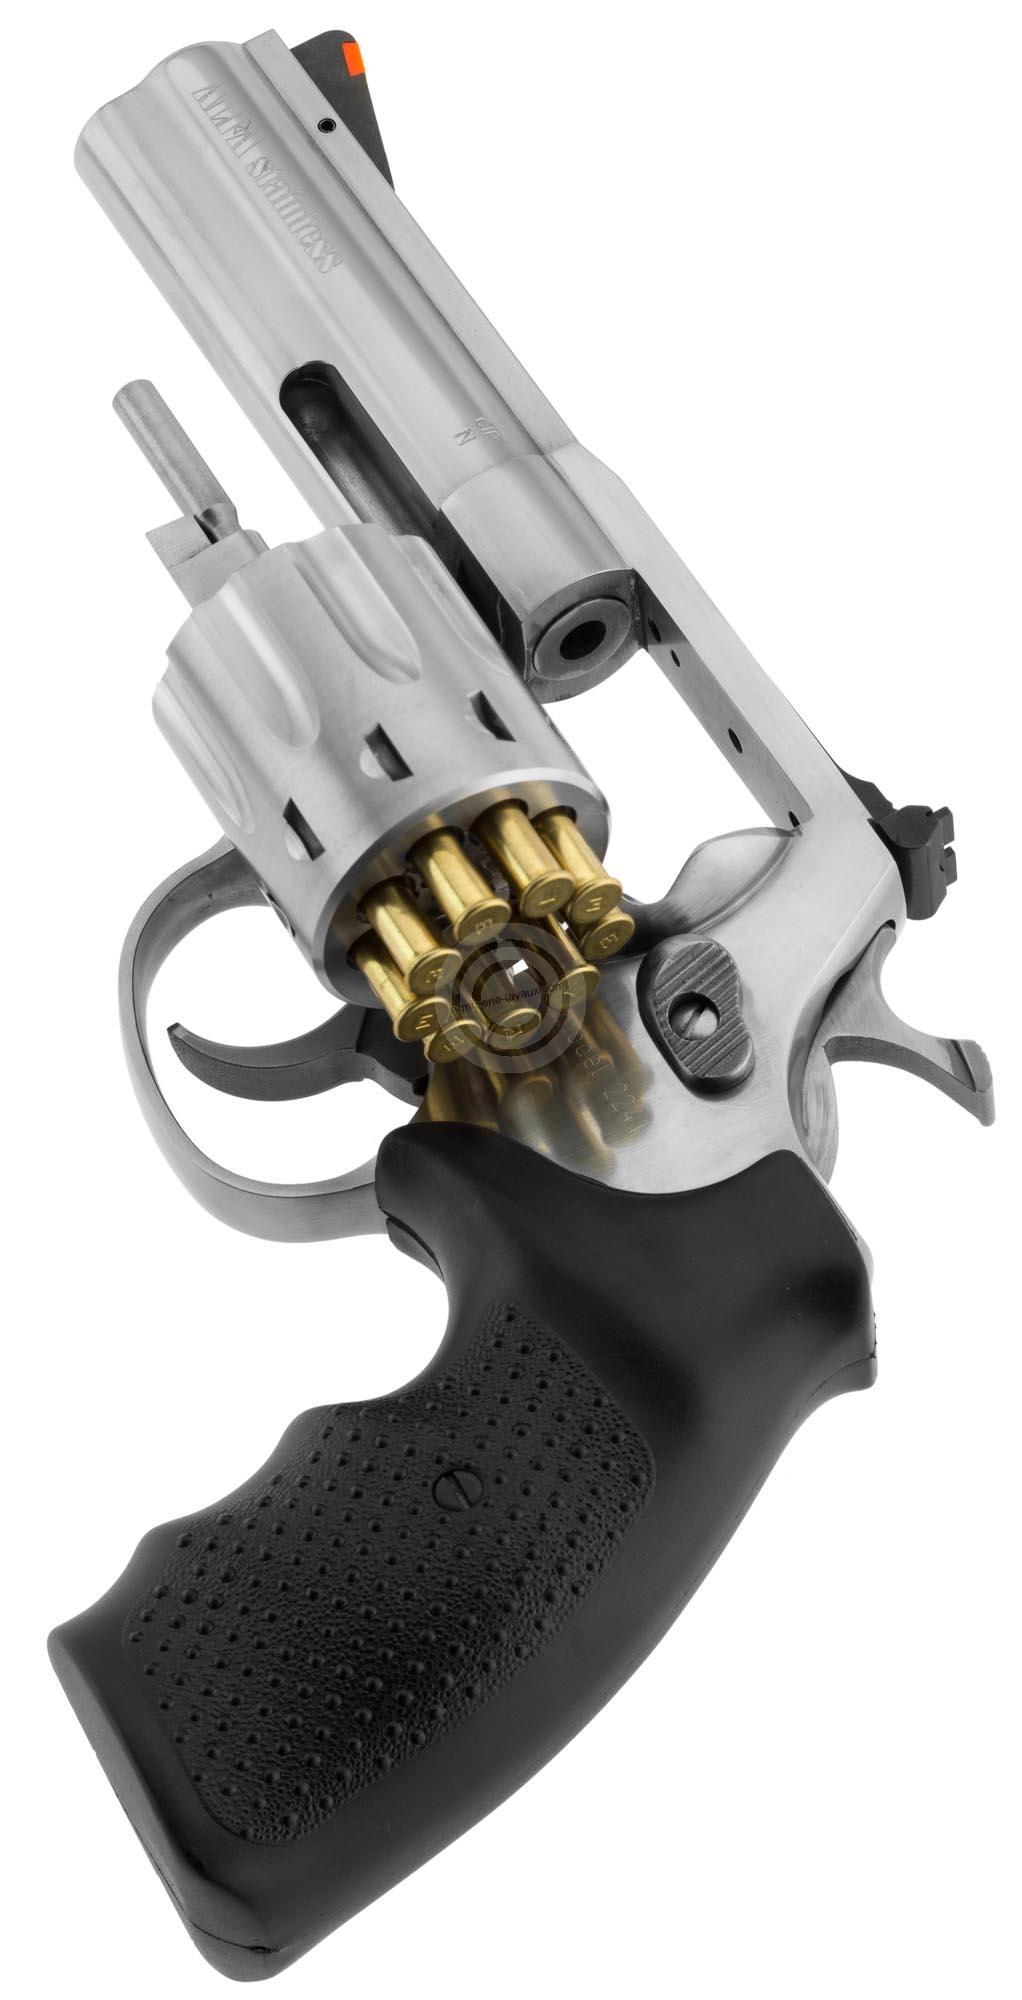 revolver alfa proj lrp target inox 4 u0026quot  cal 22 lr